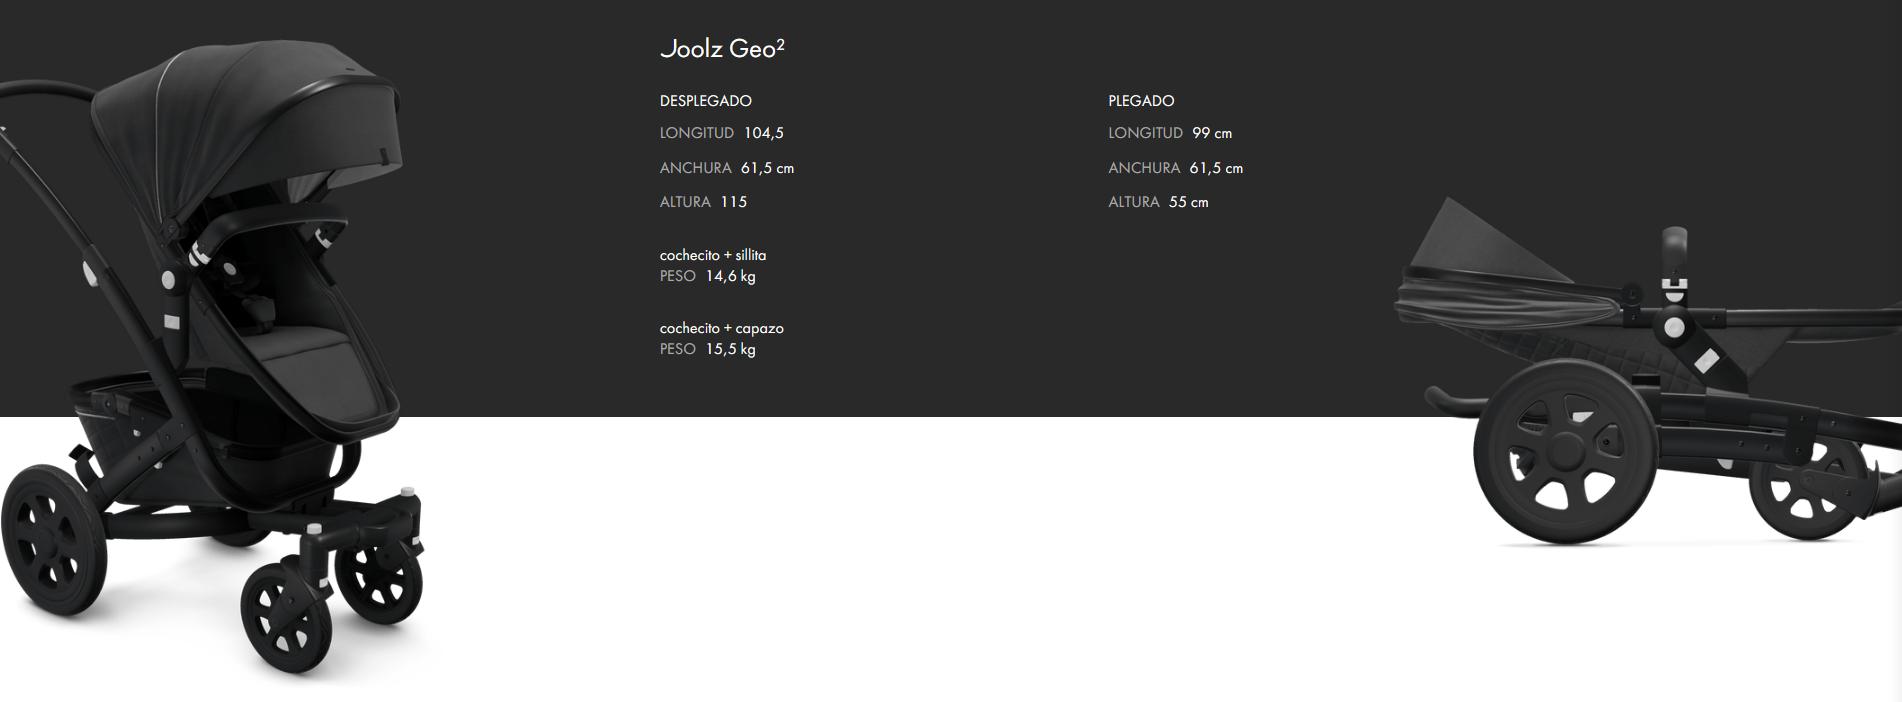 Screenshot_2020-09-24 Joolz Geo² • Cochecito Dúo • Compra el Geo² en la Webstore Joolz (8).png